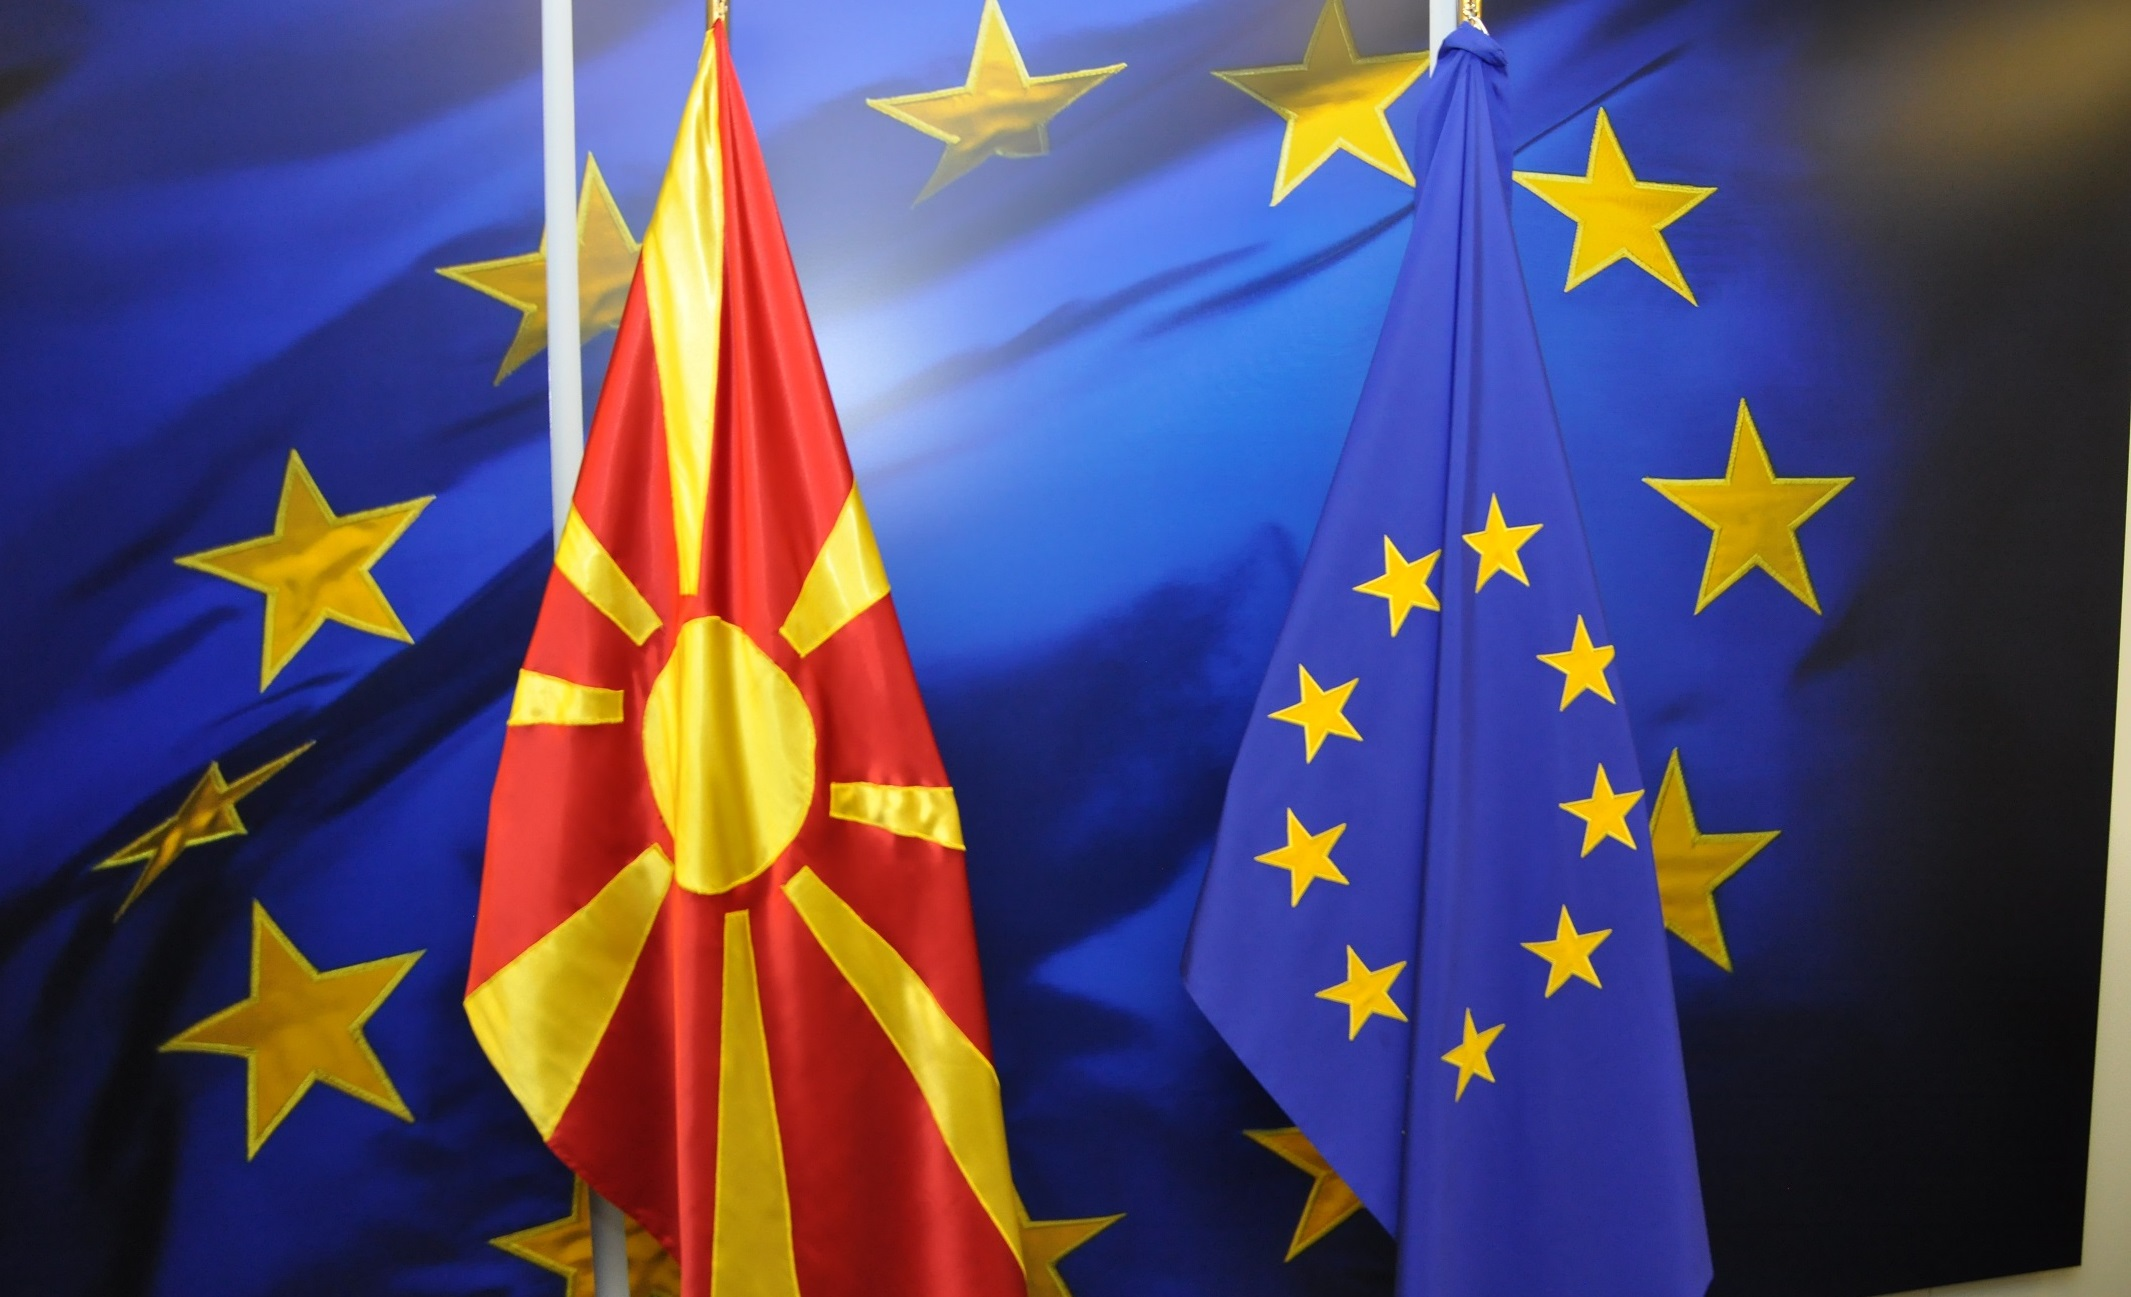 Αισιοδοξία στα Σκόπια για την έναρξη των ενταξιακών διαπραγματεύσεων με την ΕΕ